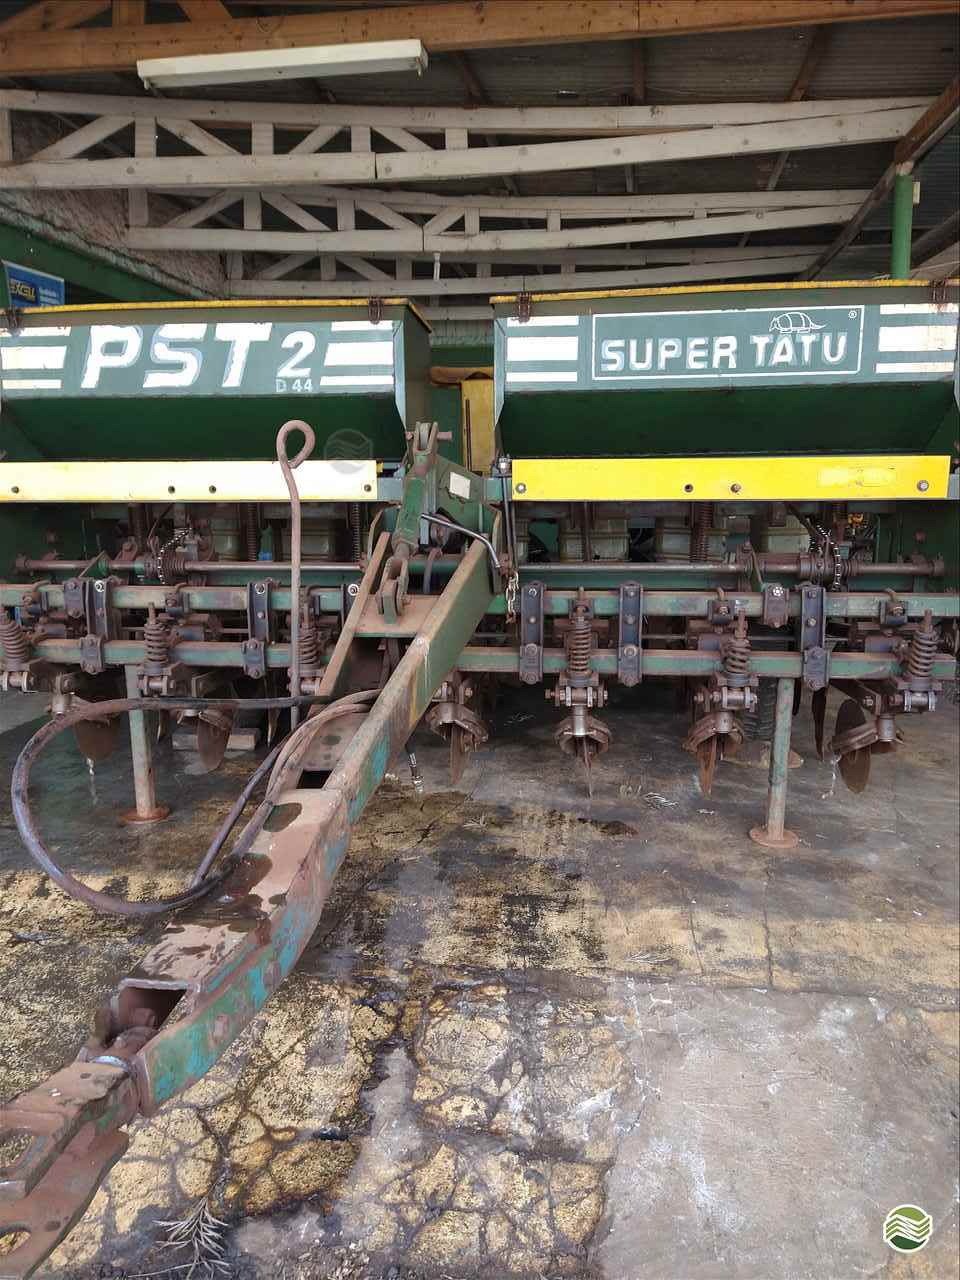 PST 2 de P. M. Muller Maquinas e Implementos Agrícolas - SALTO DO LONTRA/PR